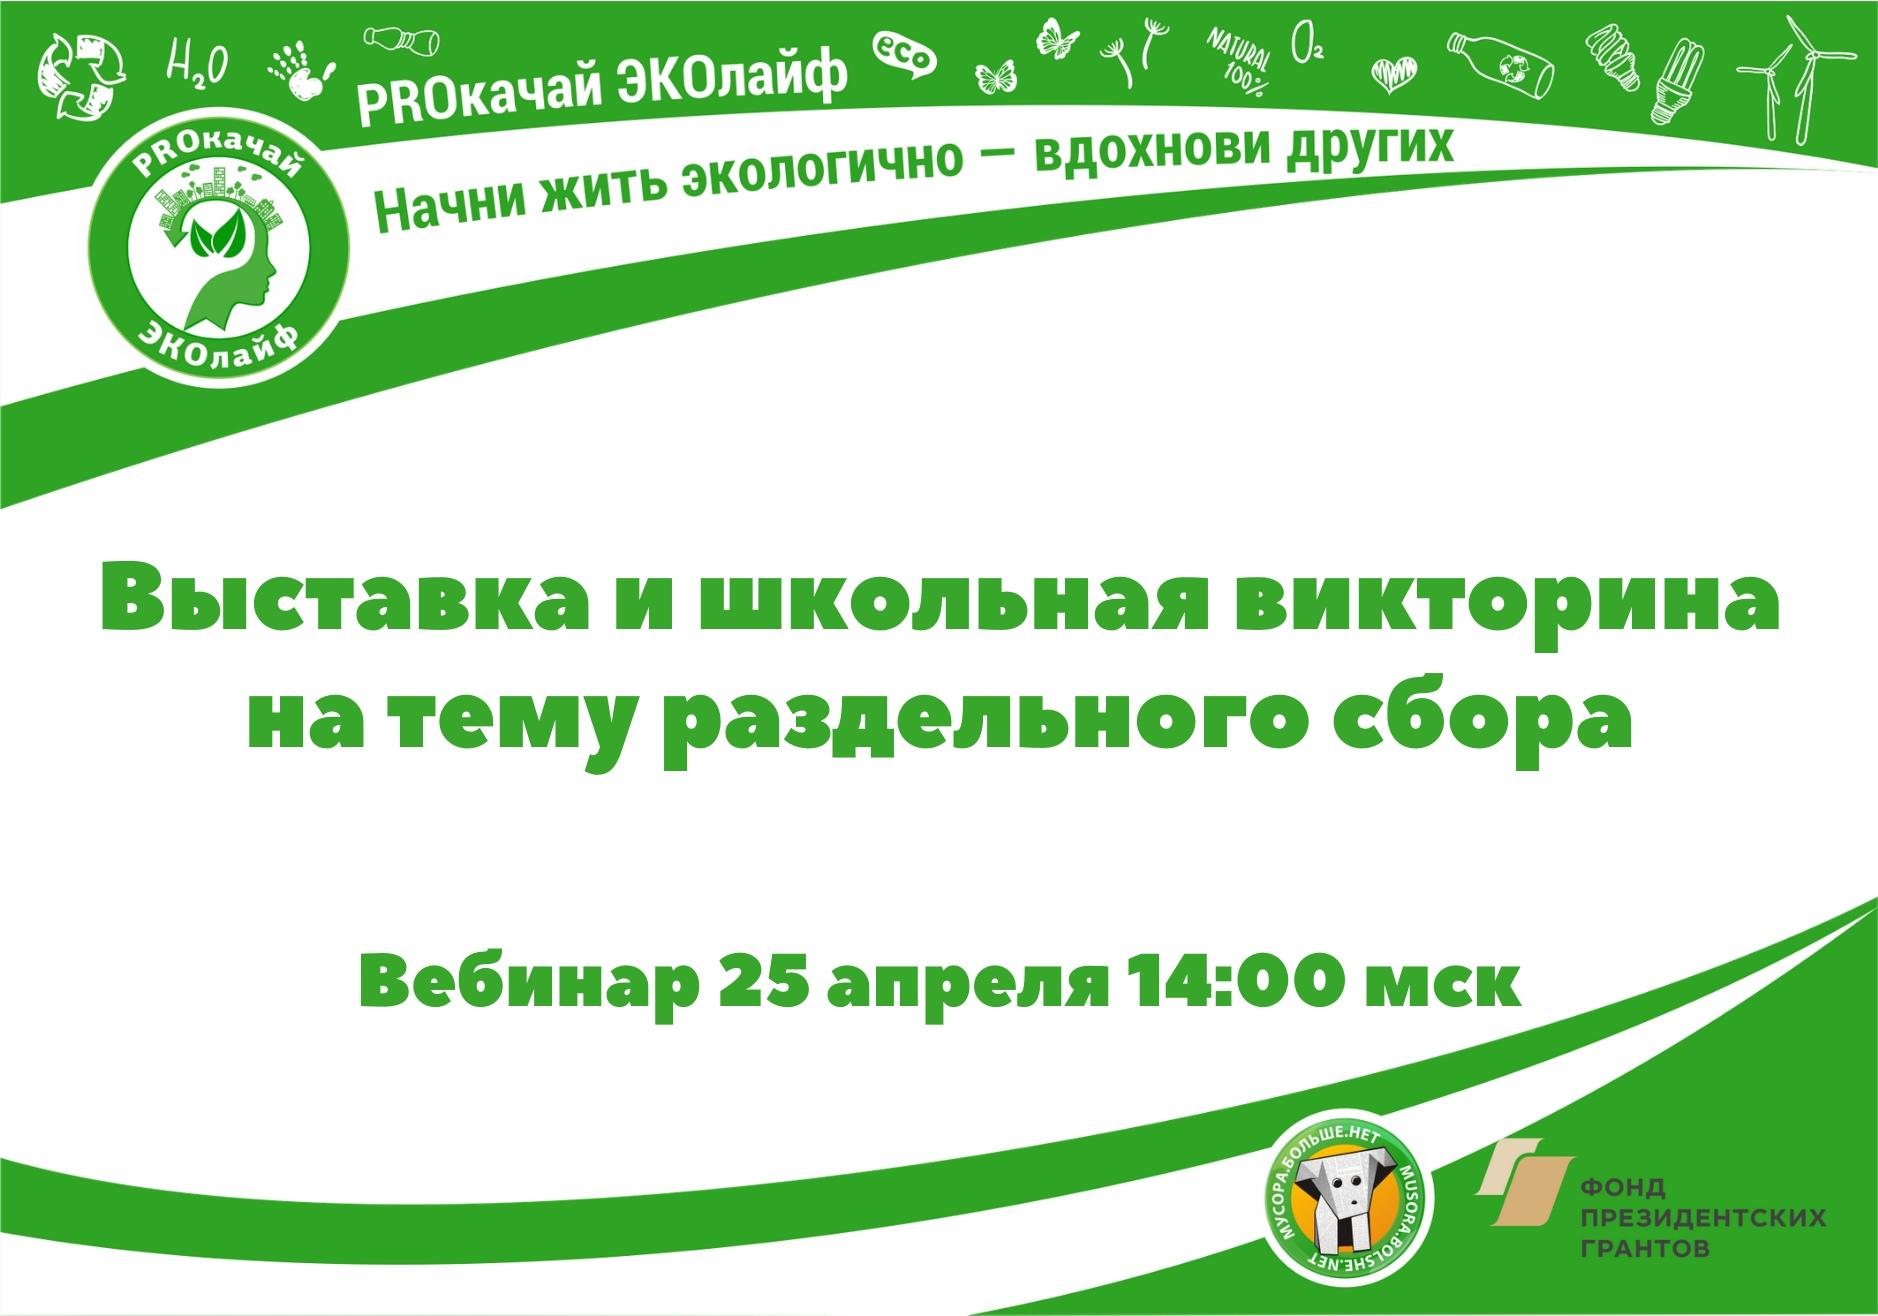 вебинар выставка и школьная викторина на тему раздельного сбора